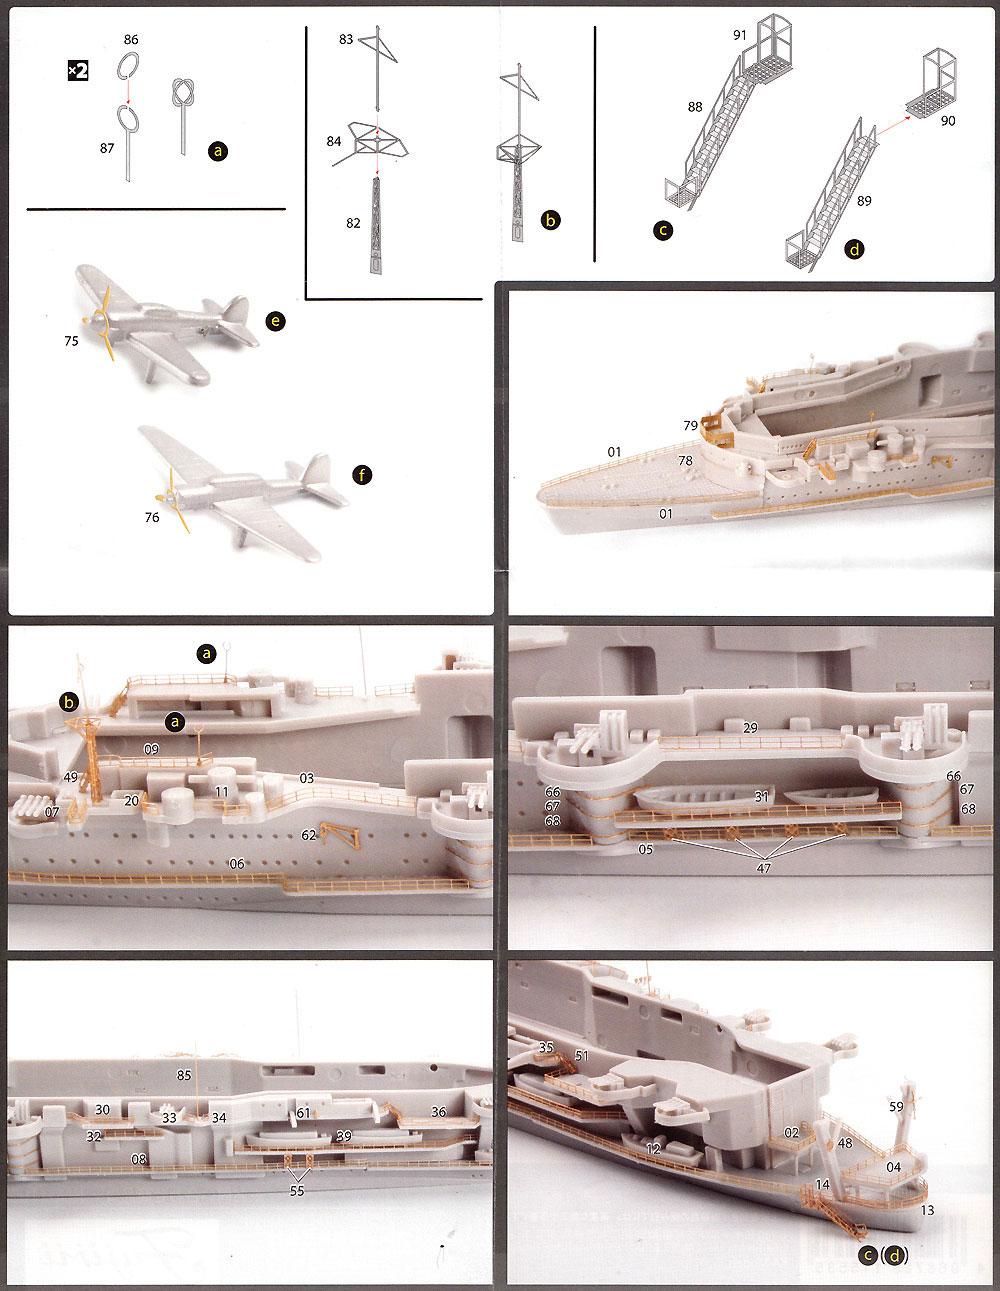 日本海軍 航空母艦 龍驤 第二次改装時 エッチングパーツ & 艦名プレートエッチング(フジミ艦船模型用グレードアップパーツNo.特034EX-001)商品画像_2